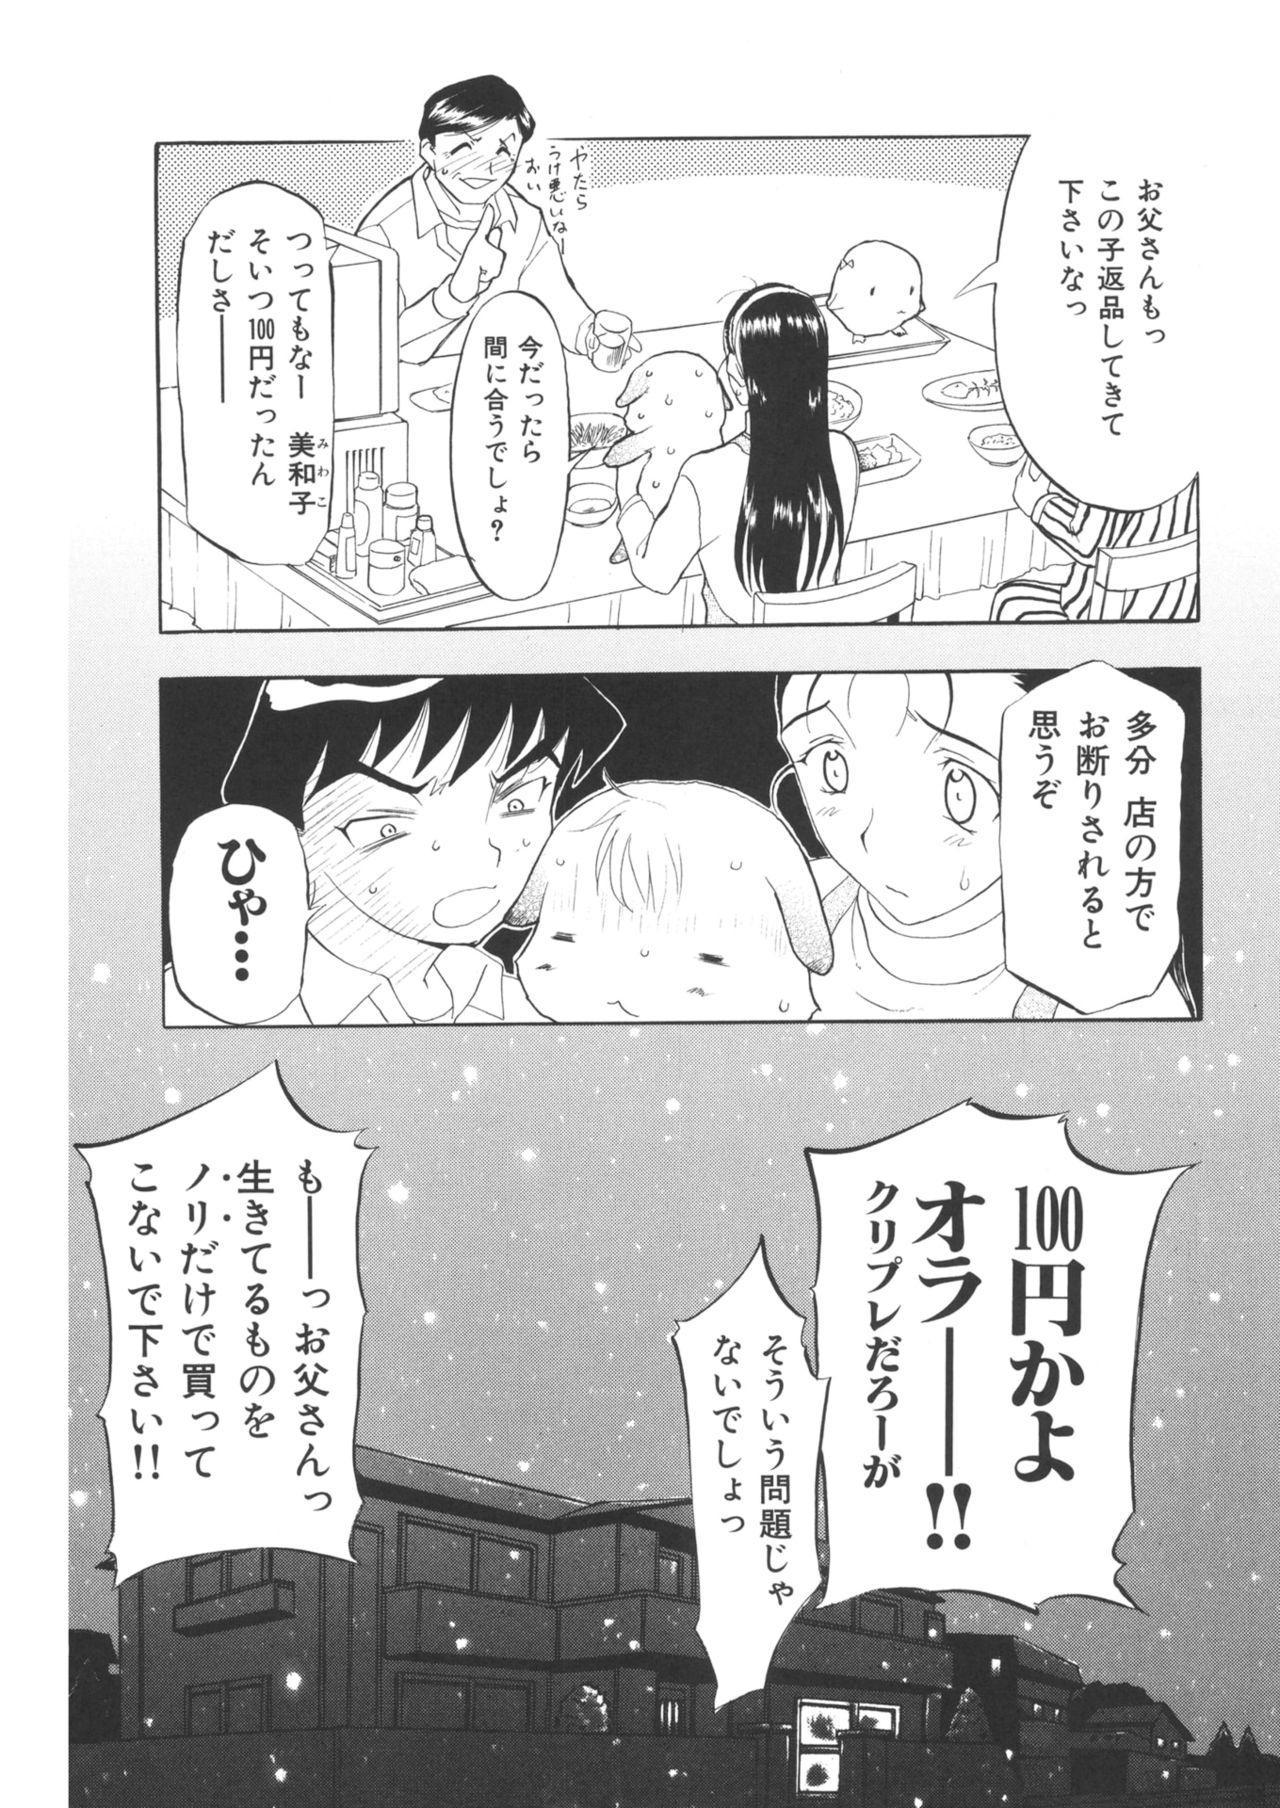 COMIC Kairakuten 25 Shuunen kinen tokubetsugou 70